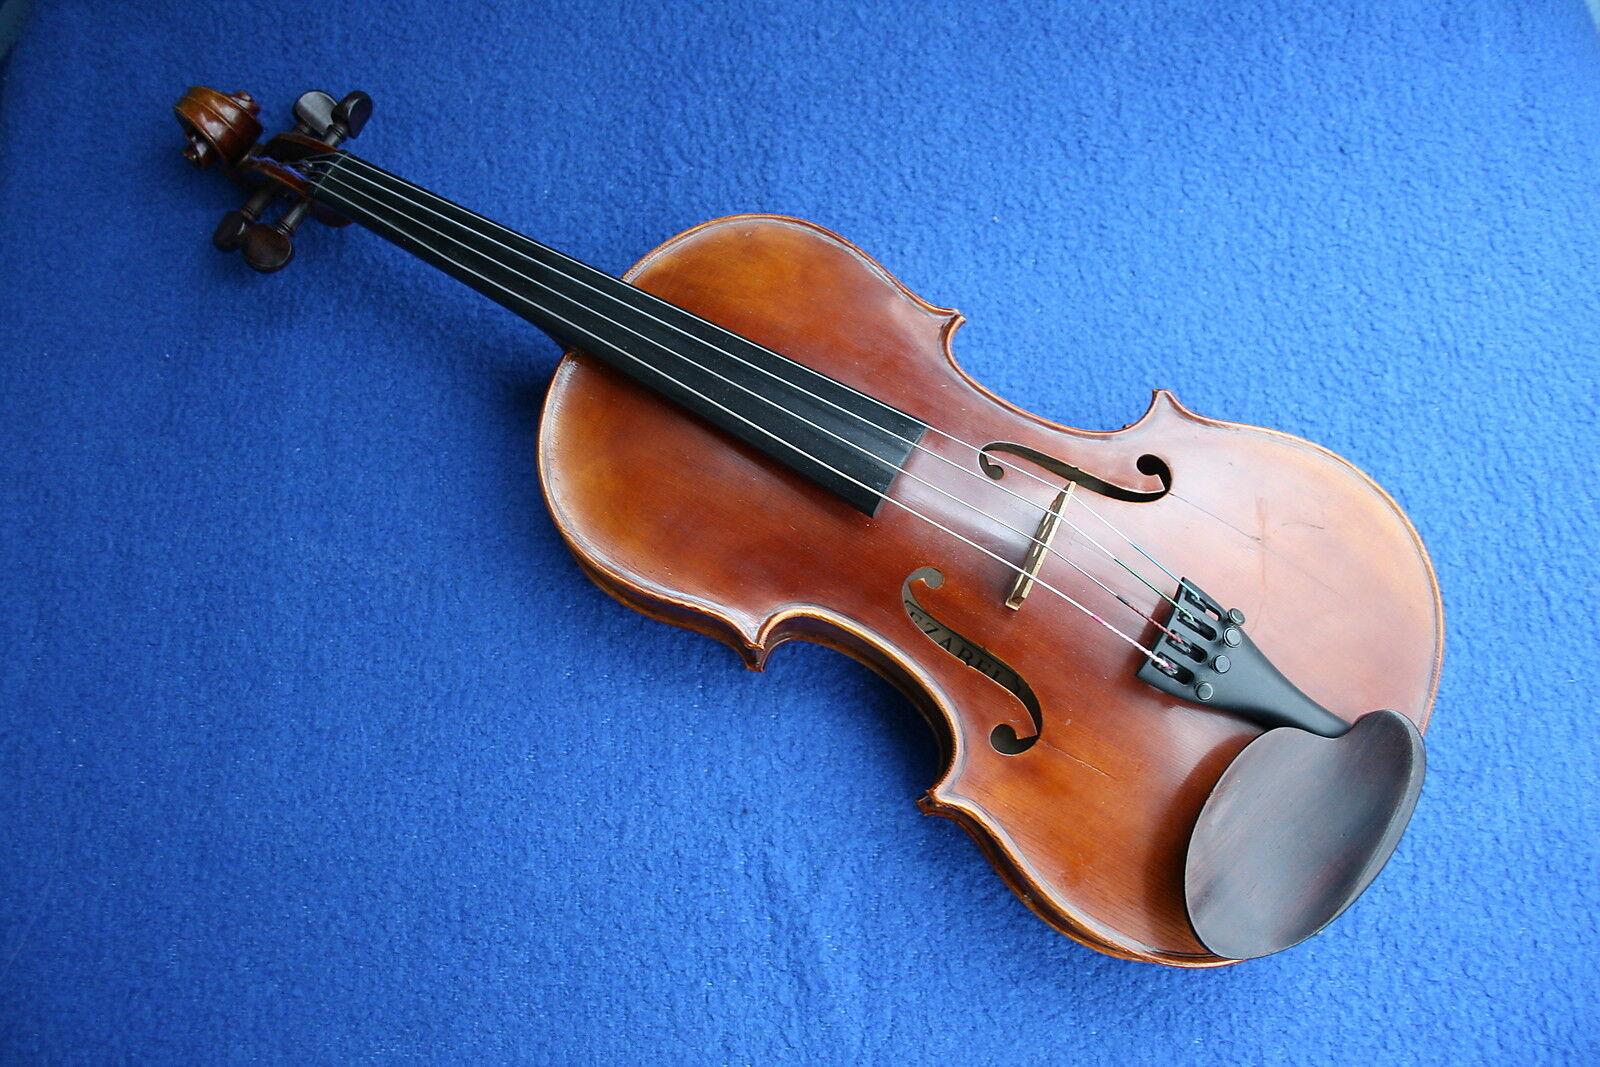 Ezabel violín violín violín Belgium Amberes 4 4  contador genuino